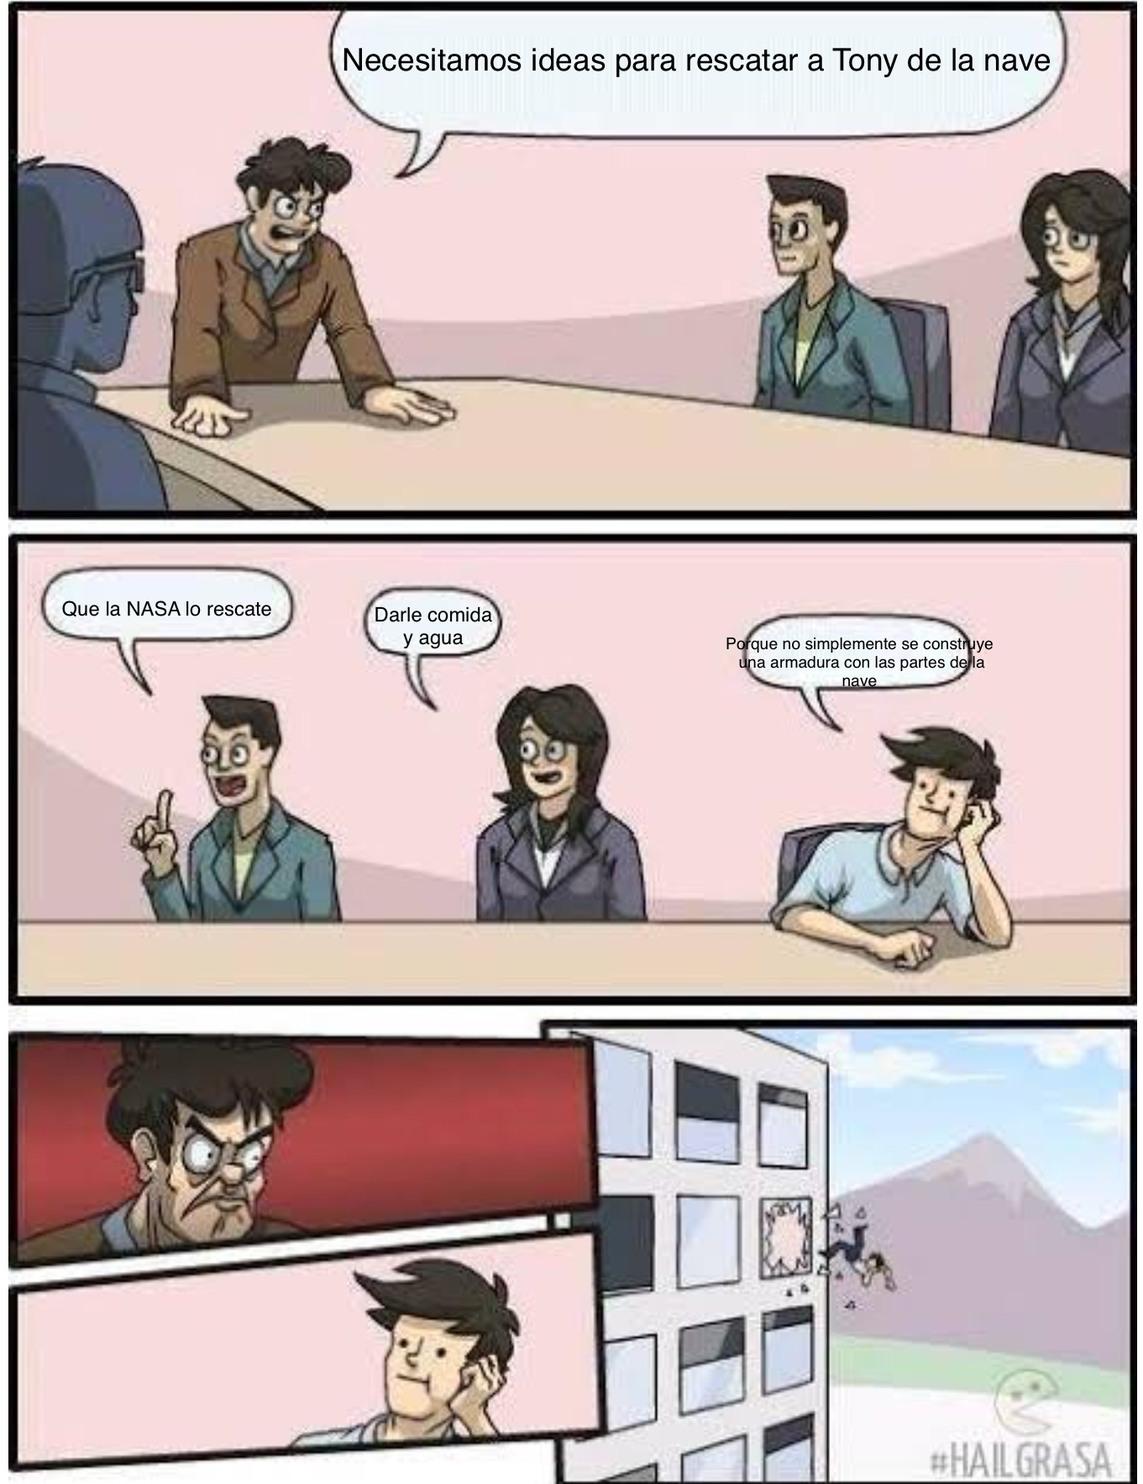 Eso tiene mas sentido - meme